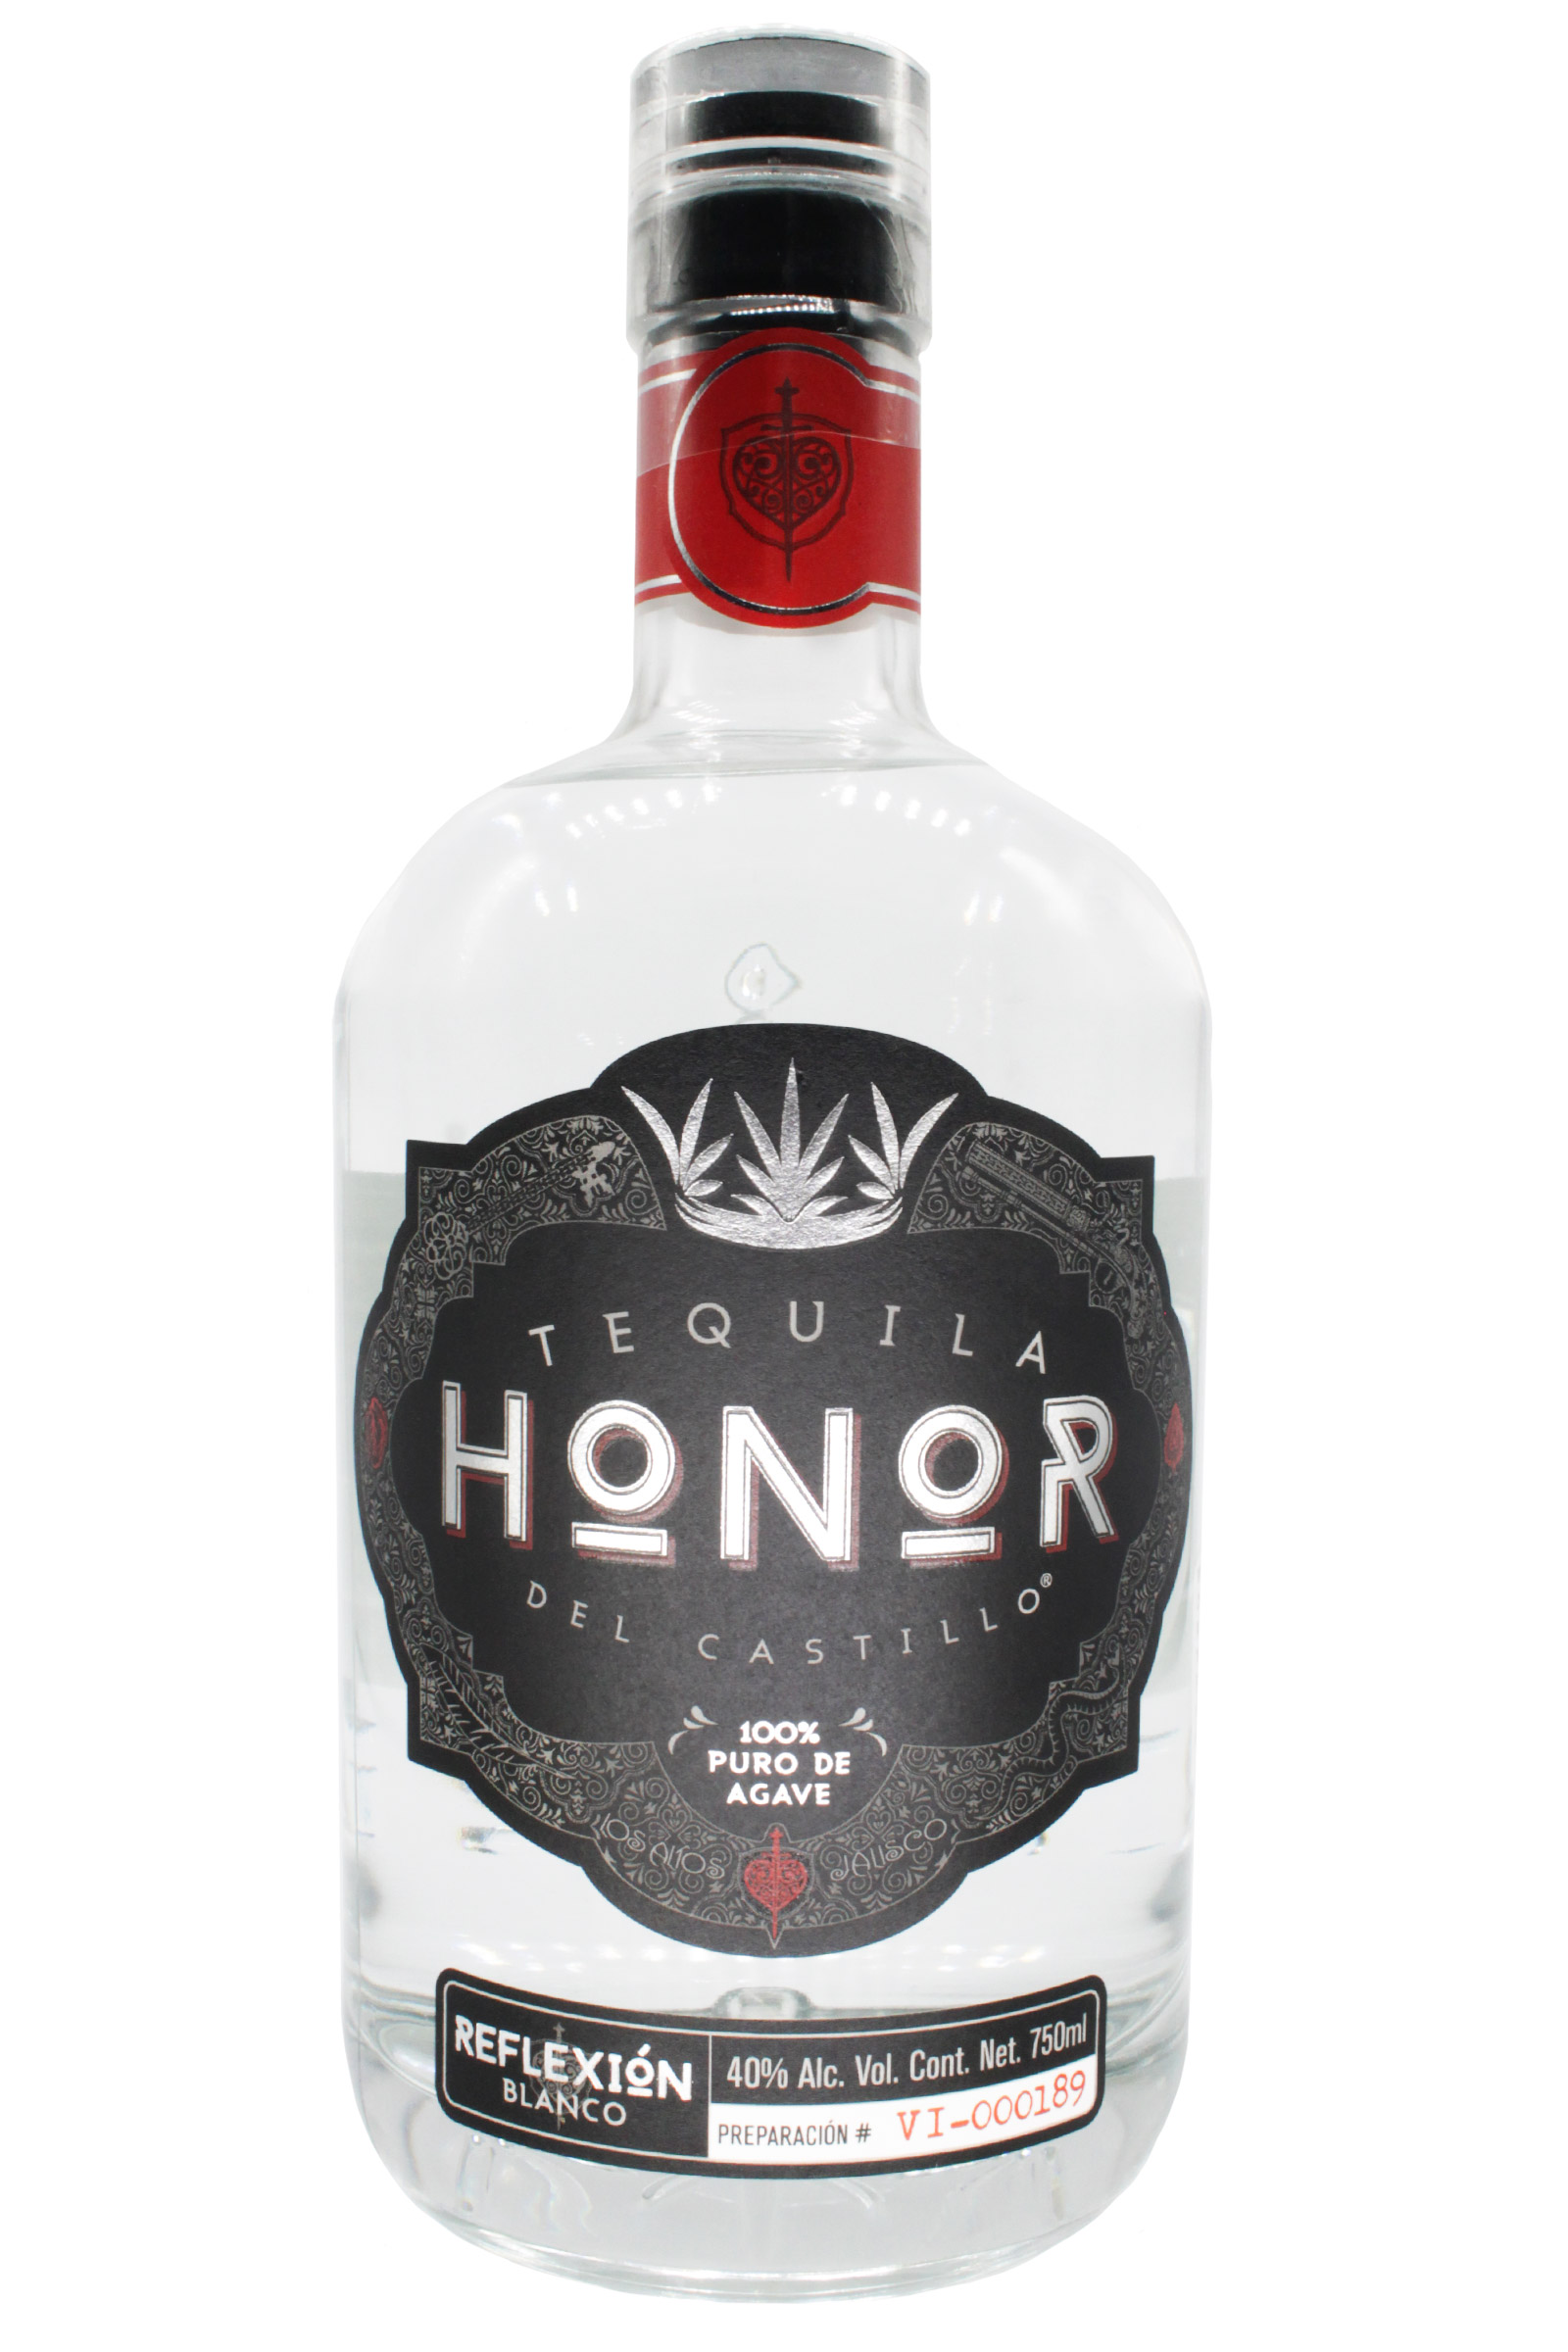 Tequila Honor Reflexión Blanco 100% Agave 750ml